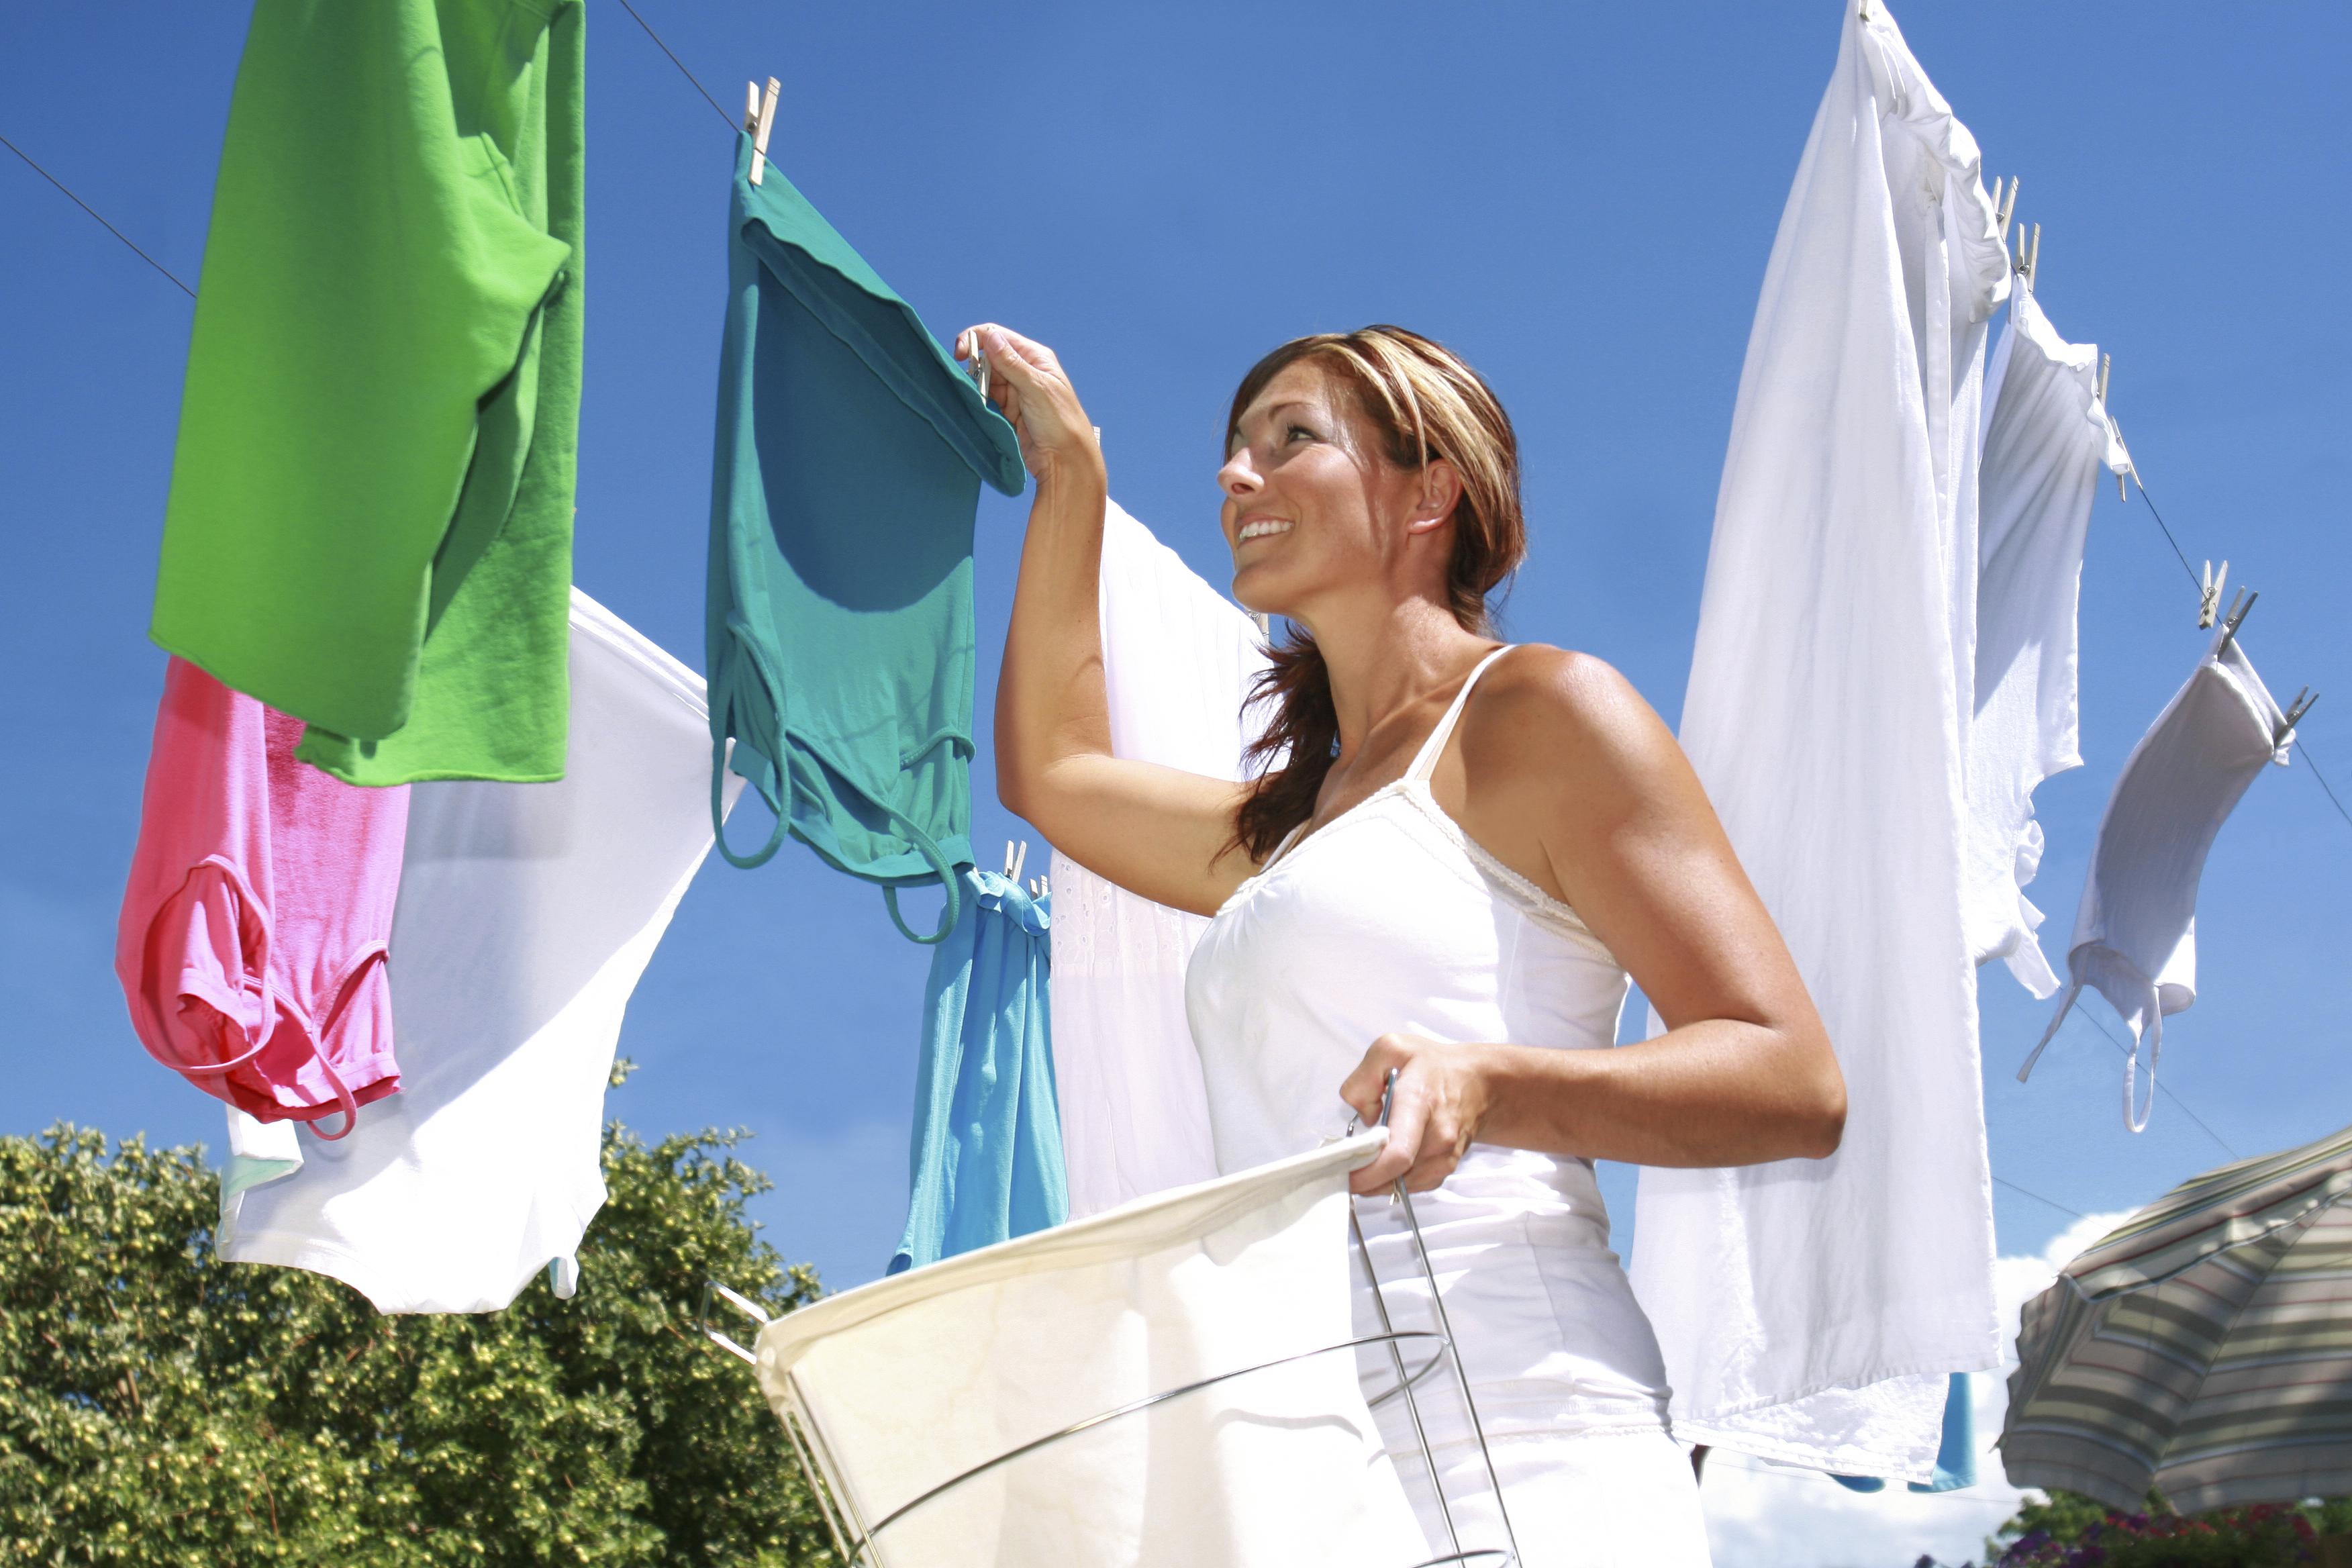 Фото женщины развешивающей белье 15 фотография